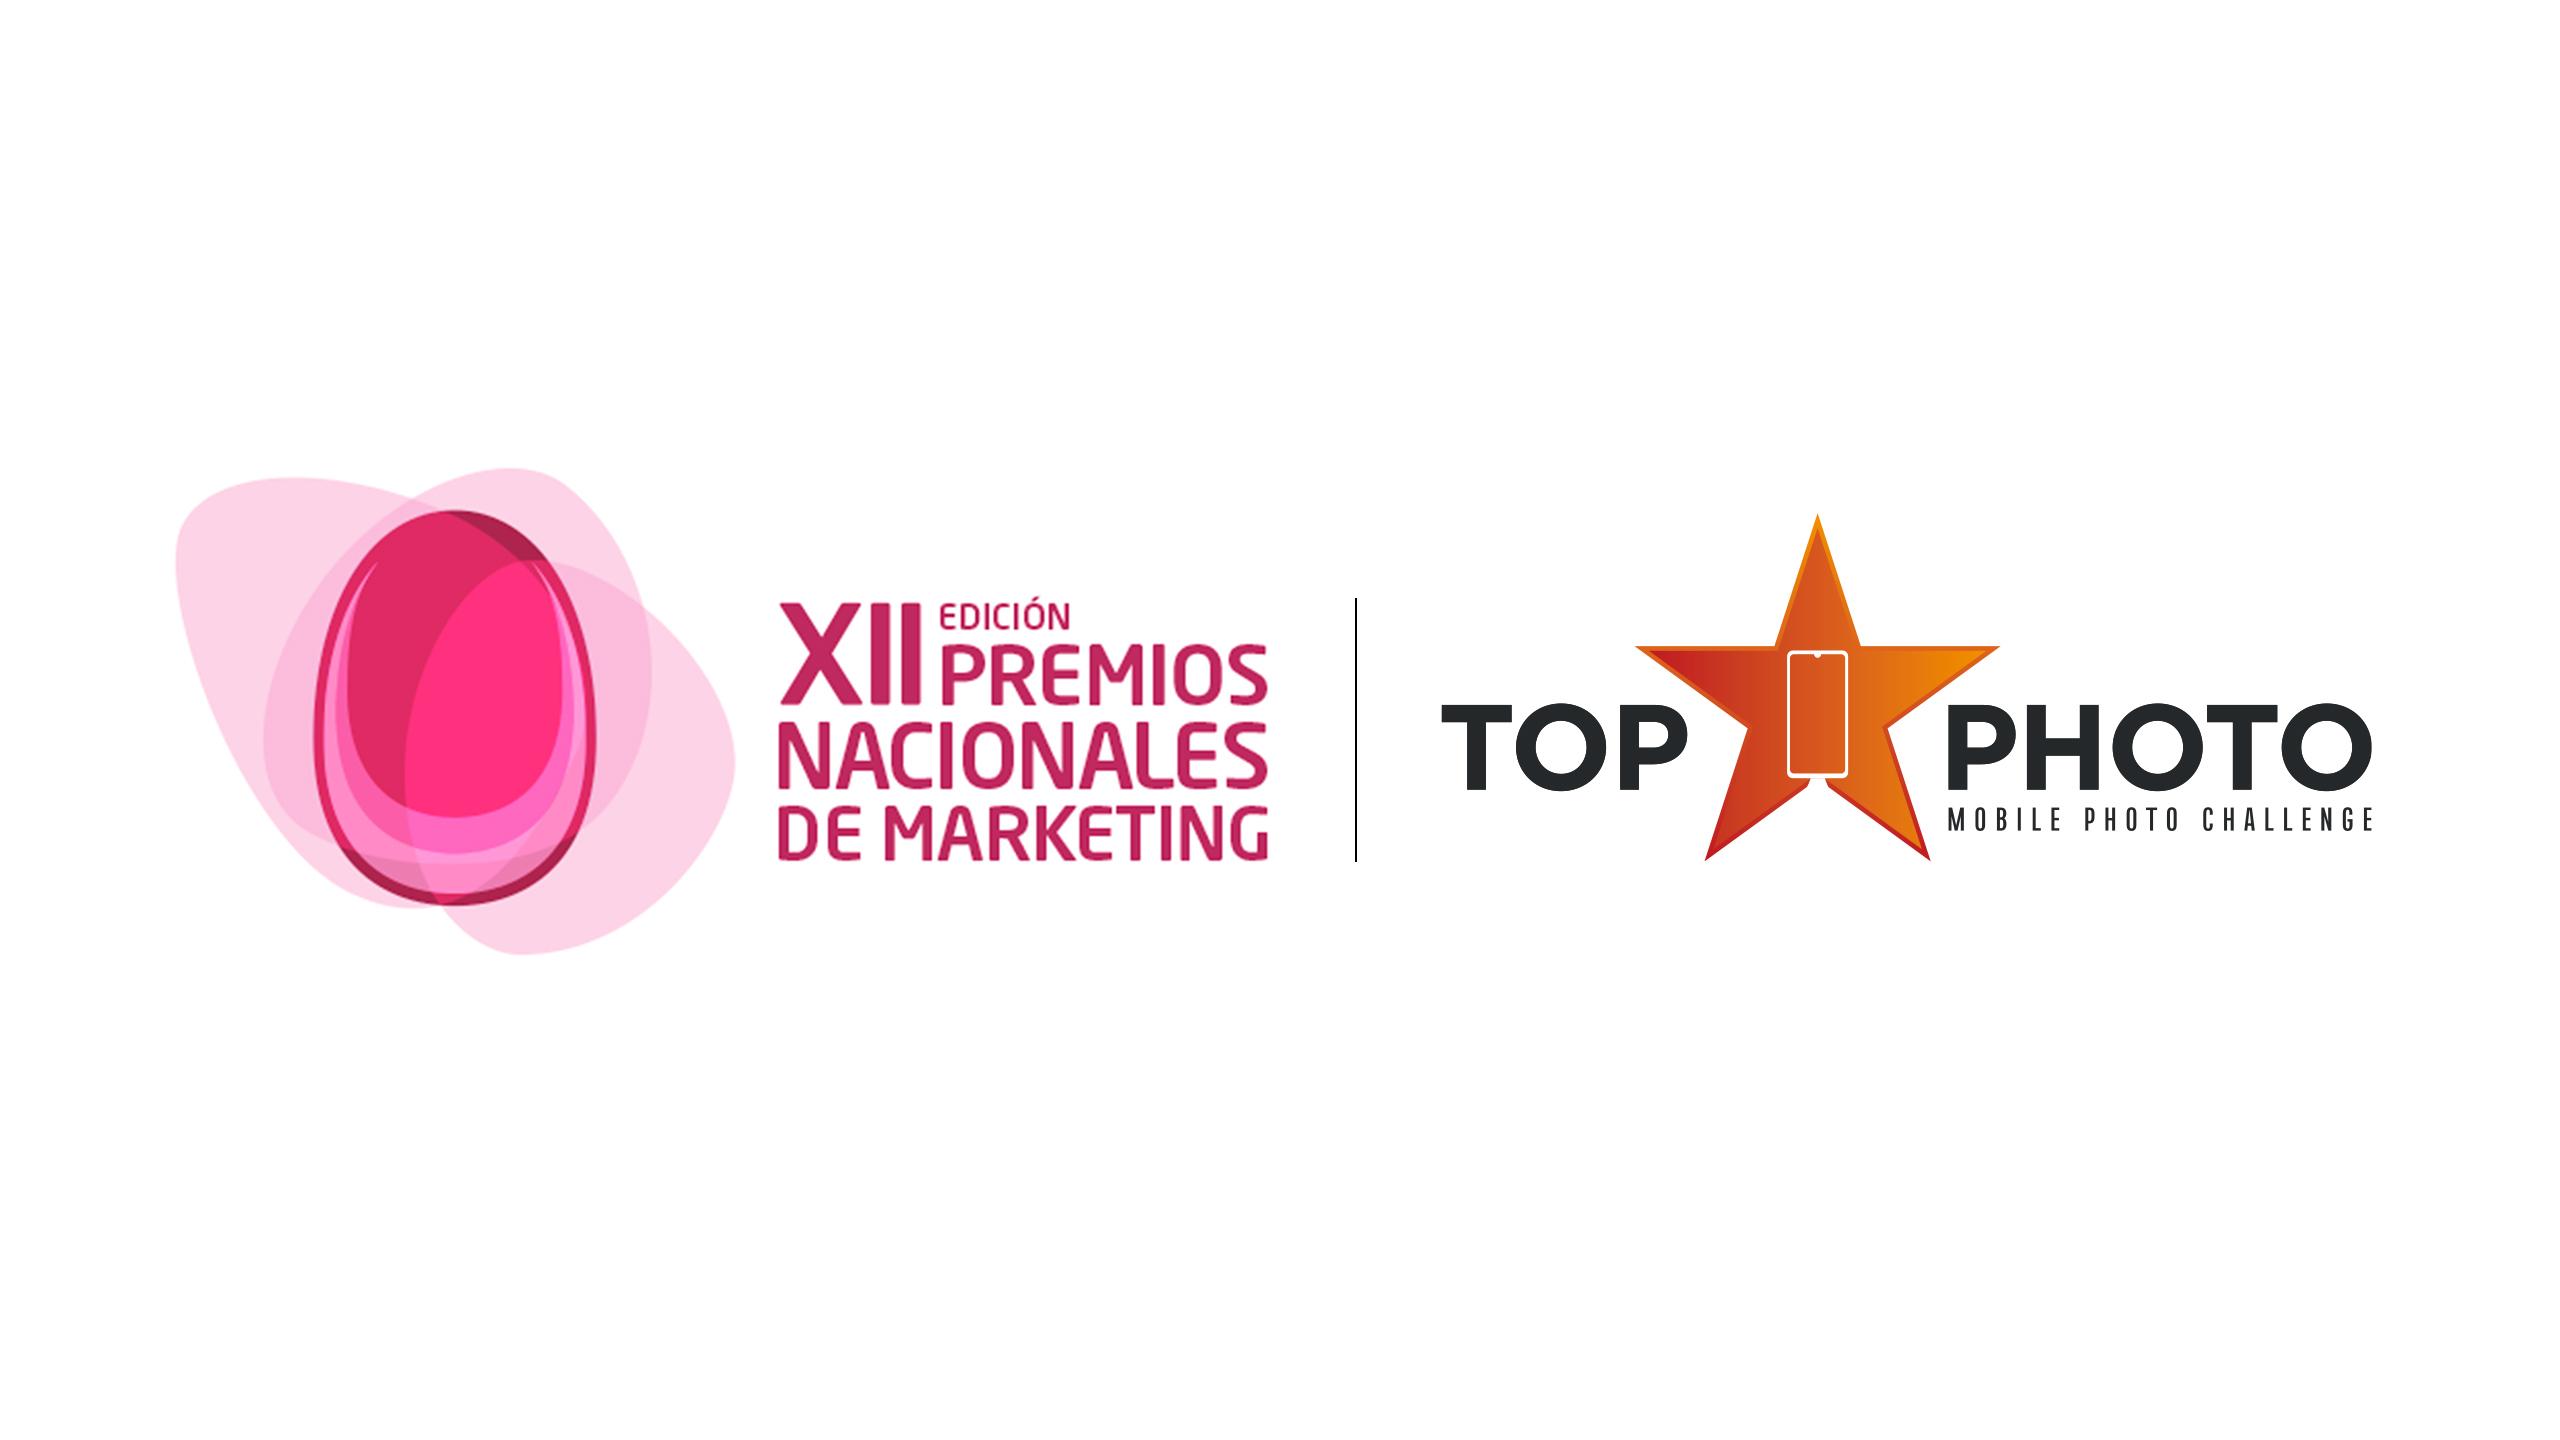 Top Photo finalista en los Premios Nacionales de Marketing